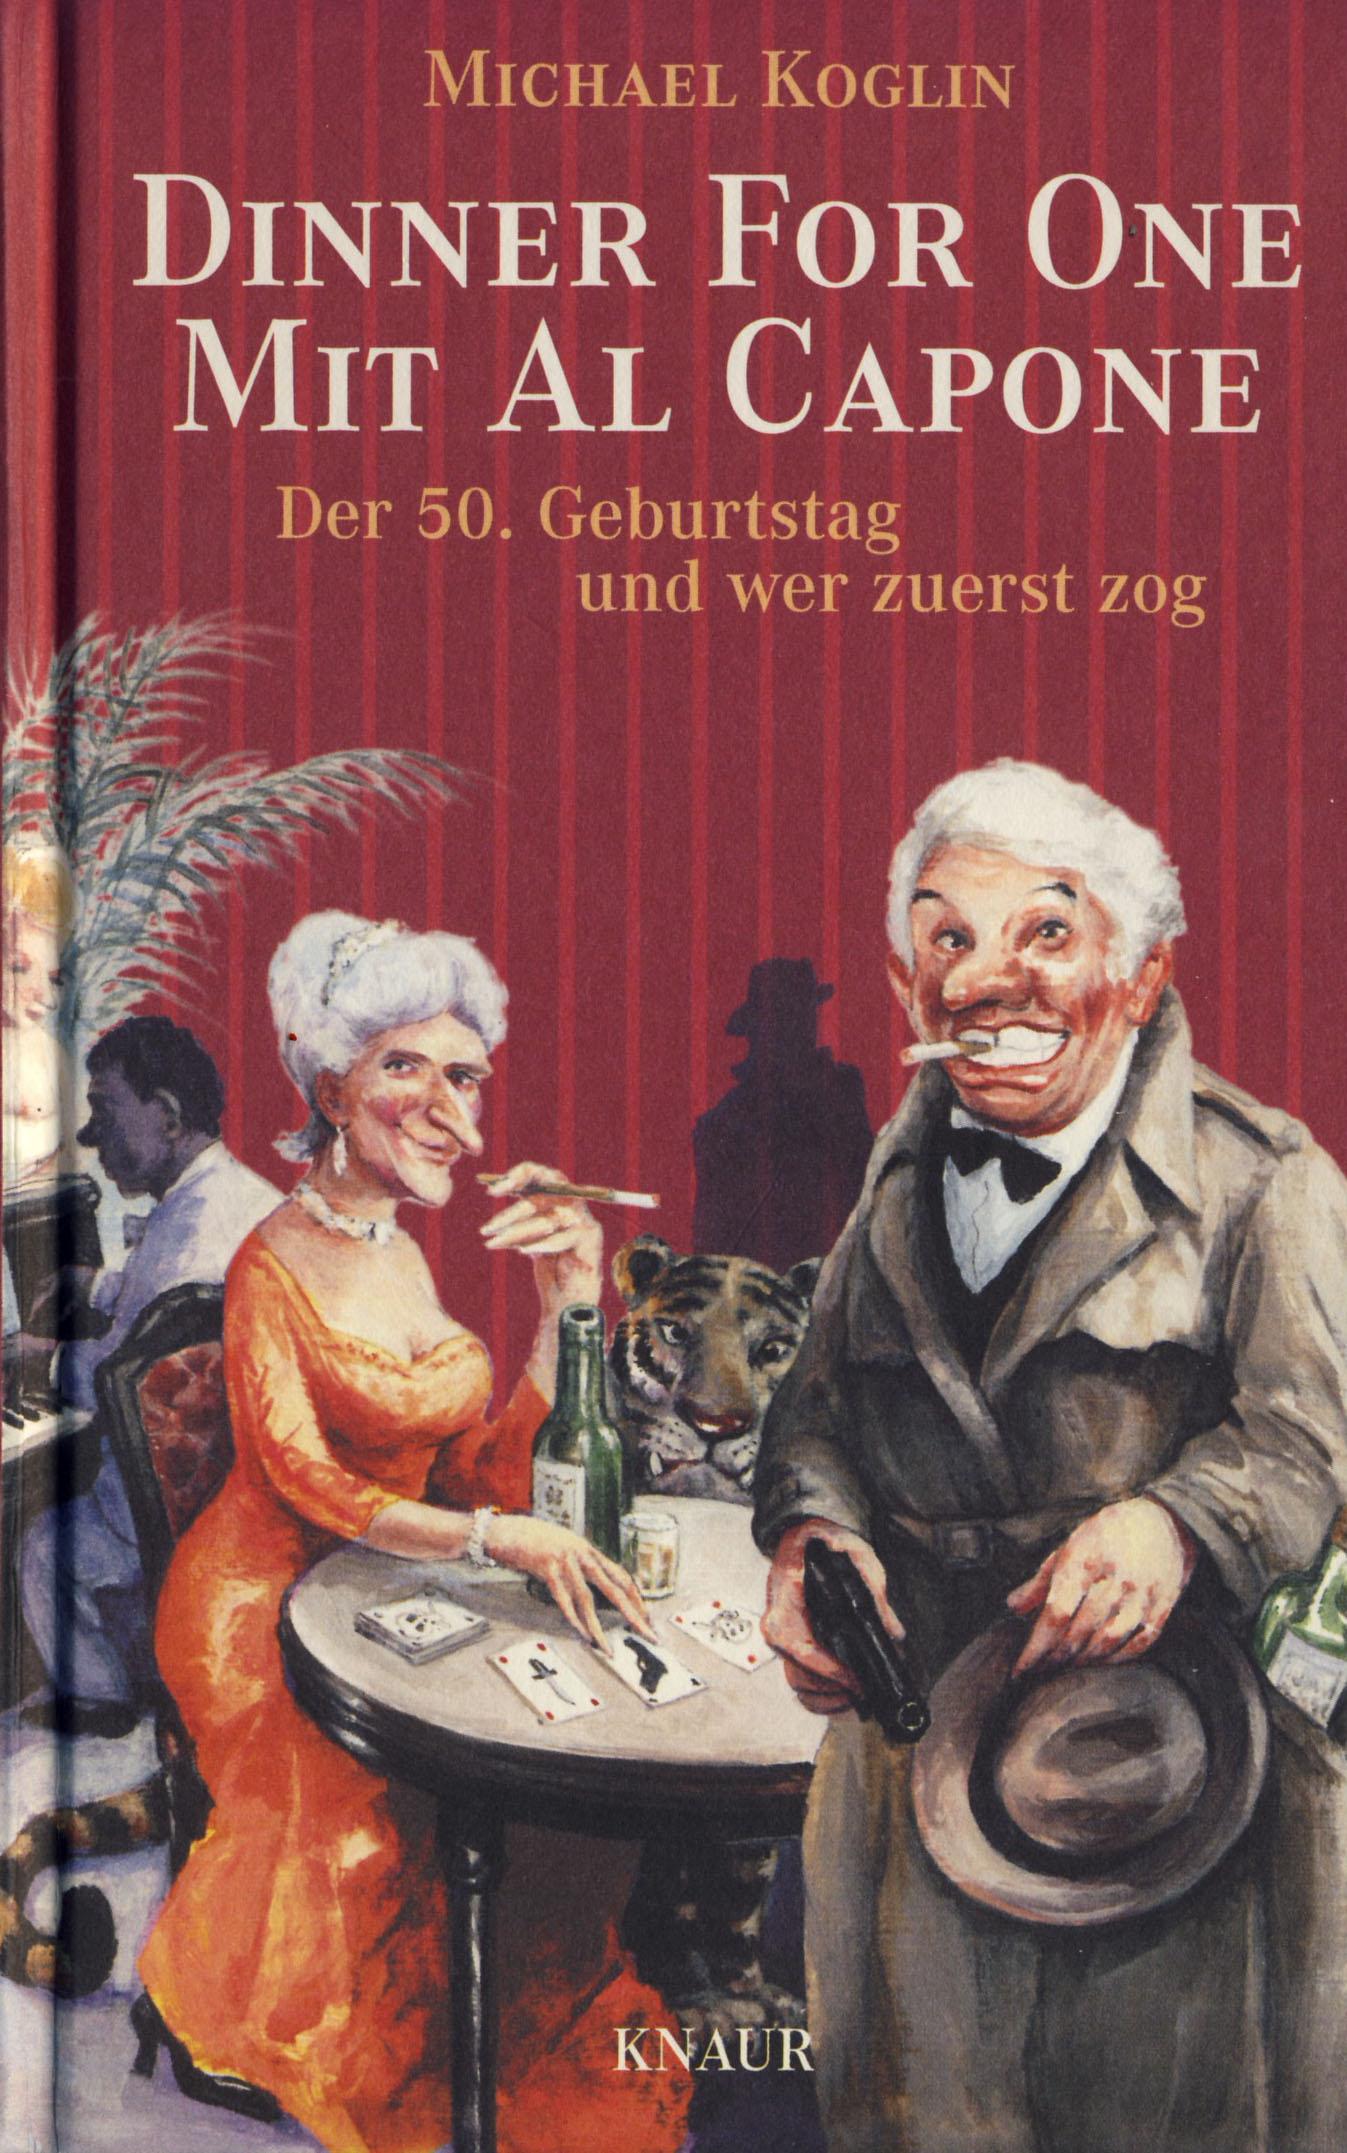 Buecher-Rudi-Hurzlmeier - Al-Capone-.jpg